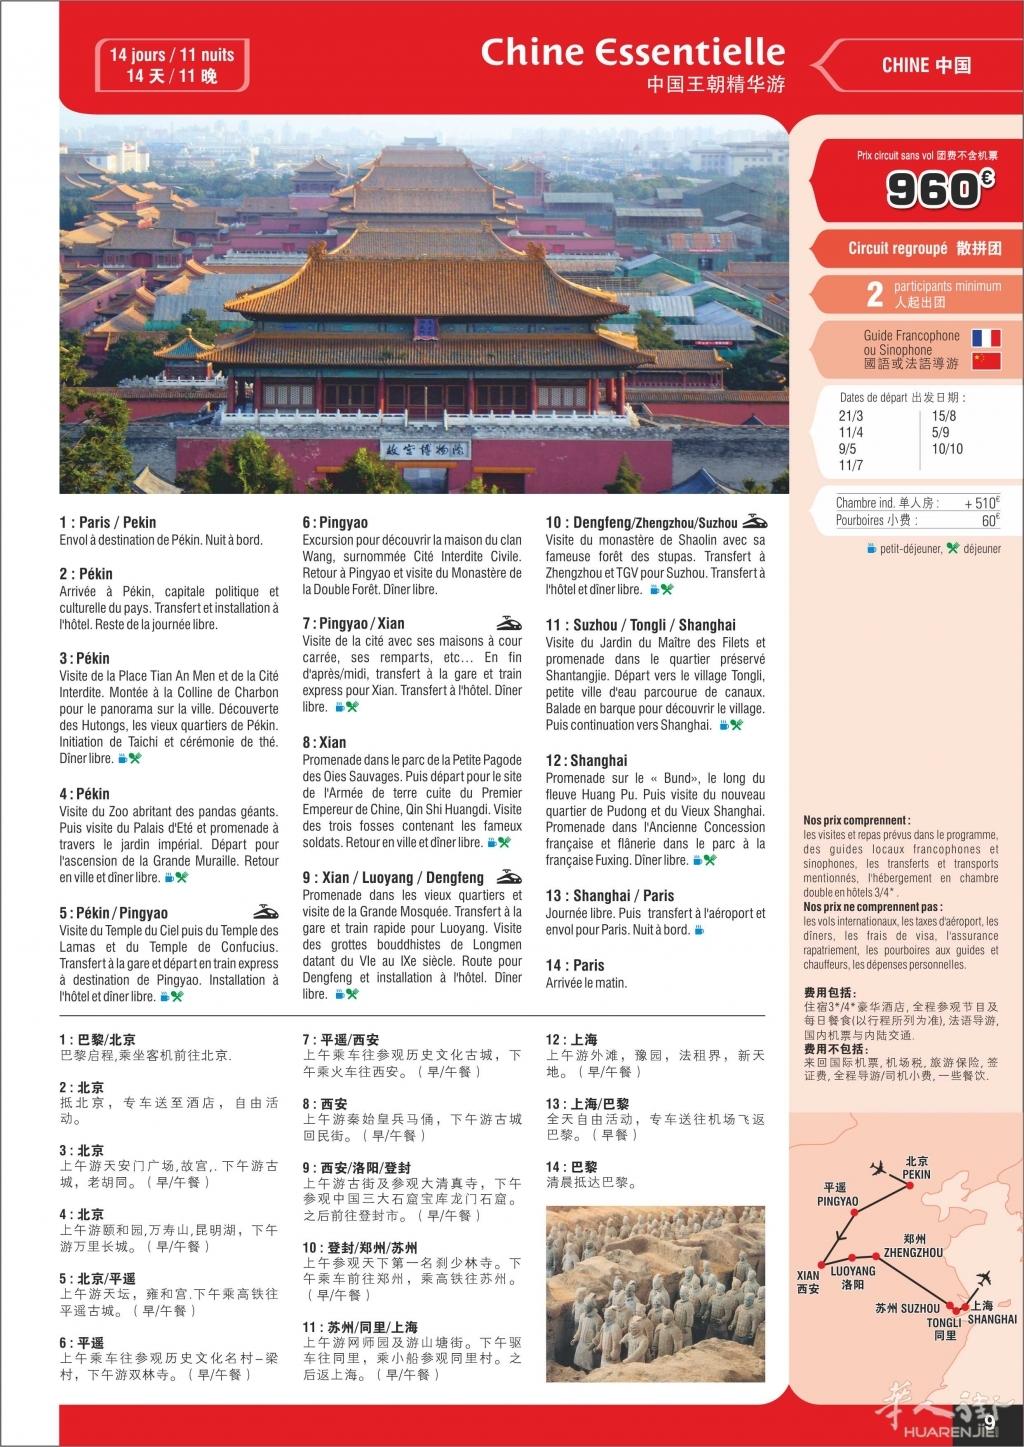 p09-Chine Essentielle-14j-v06.jpg